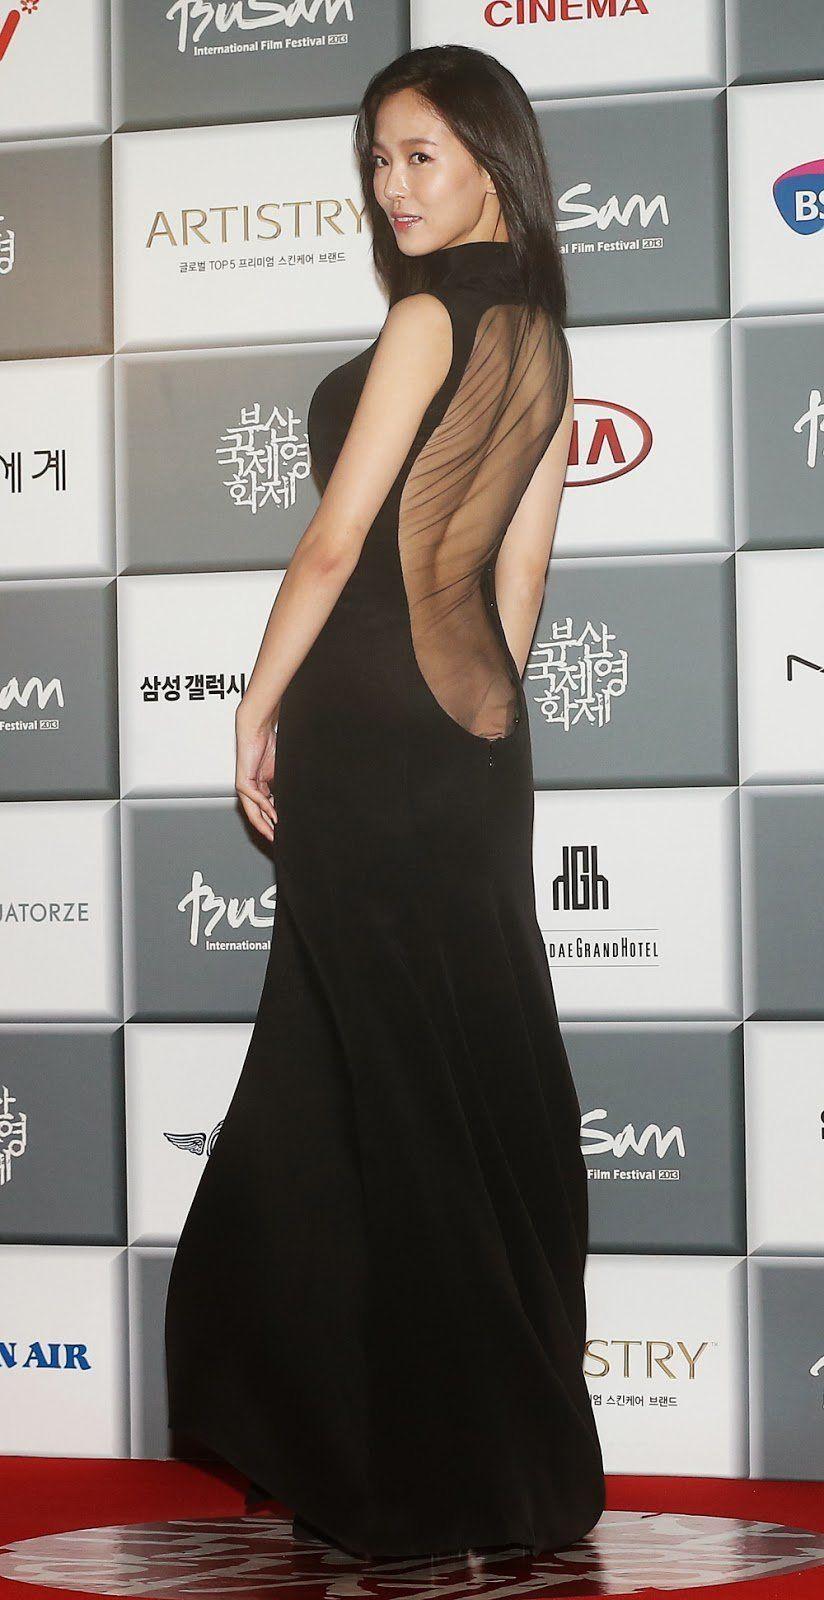 Kang Han Na Speaks Up About Her Revealing Dress Koogle Tv Gaun Karpet Merah Gaun Gaun Prom Merah